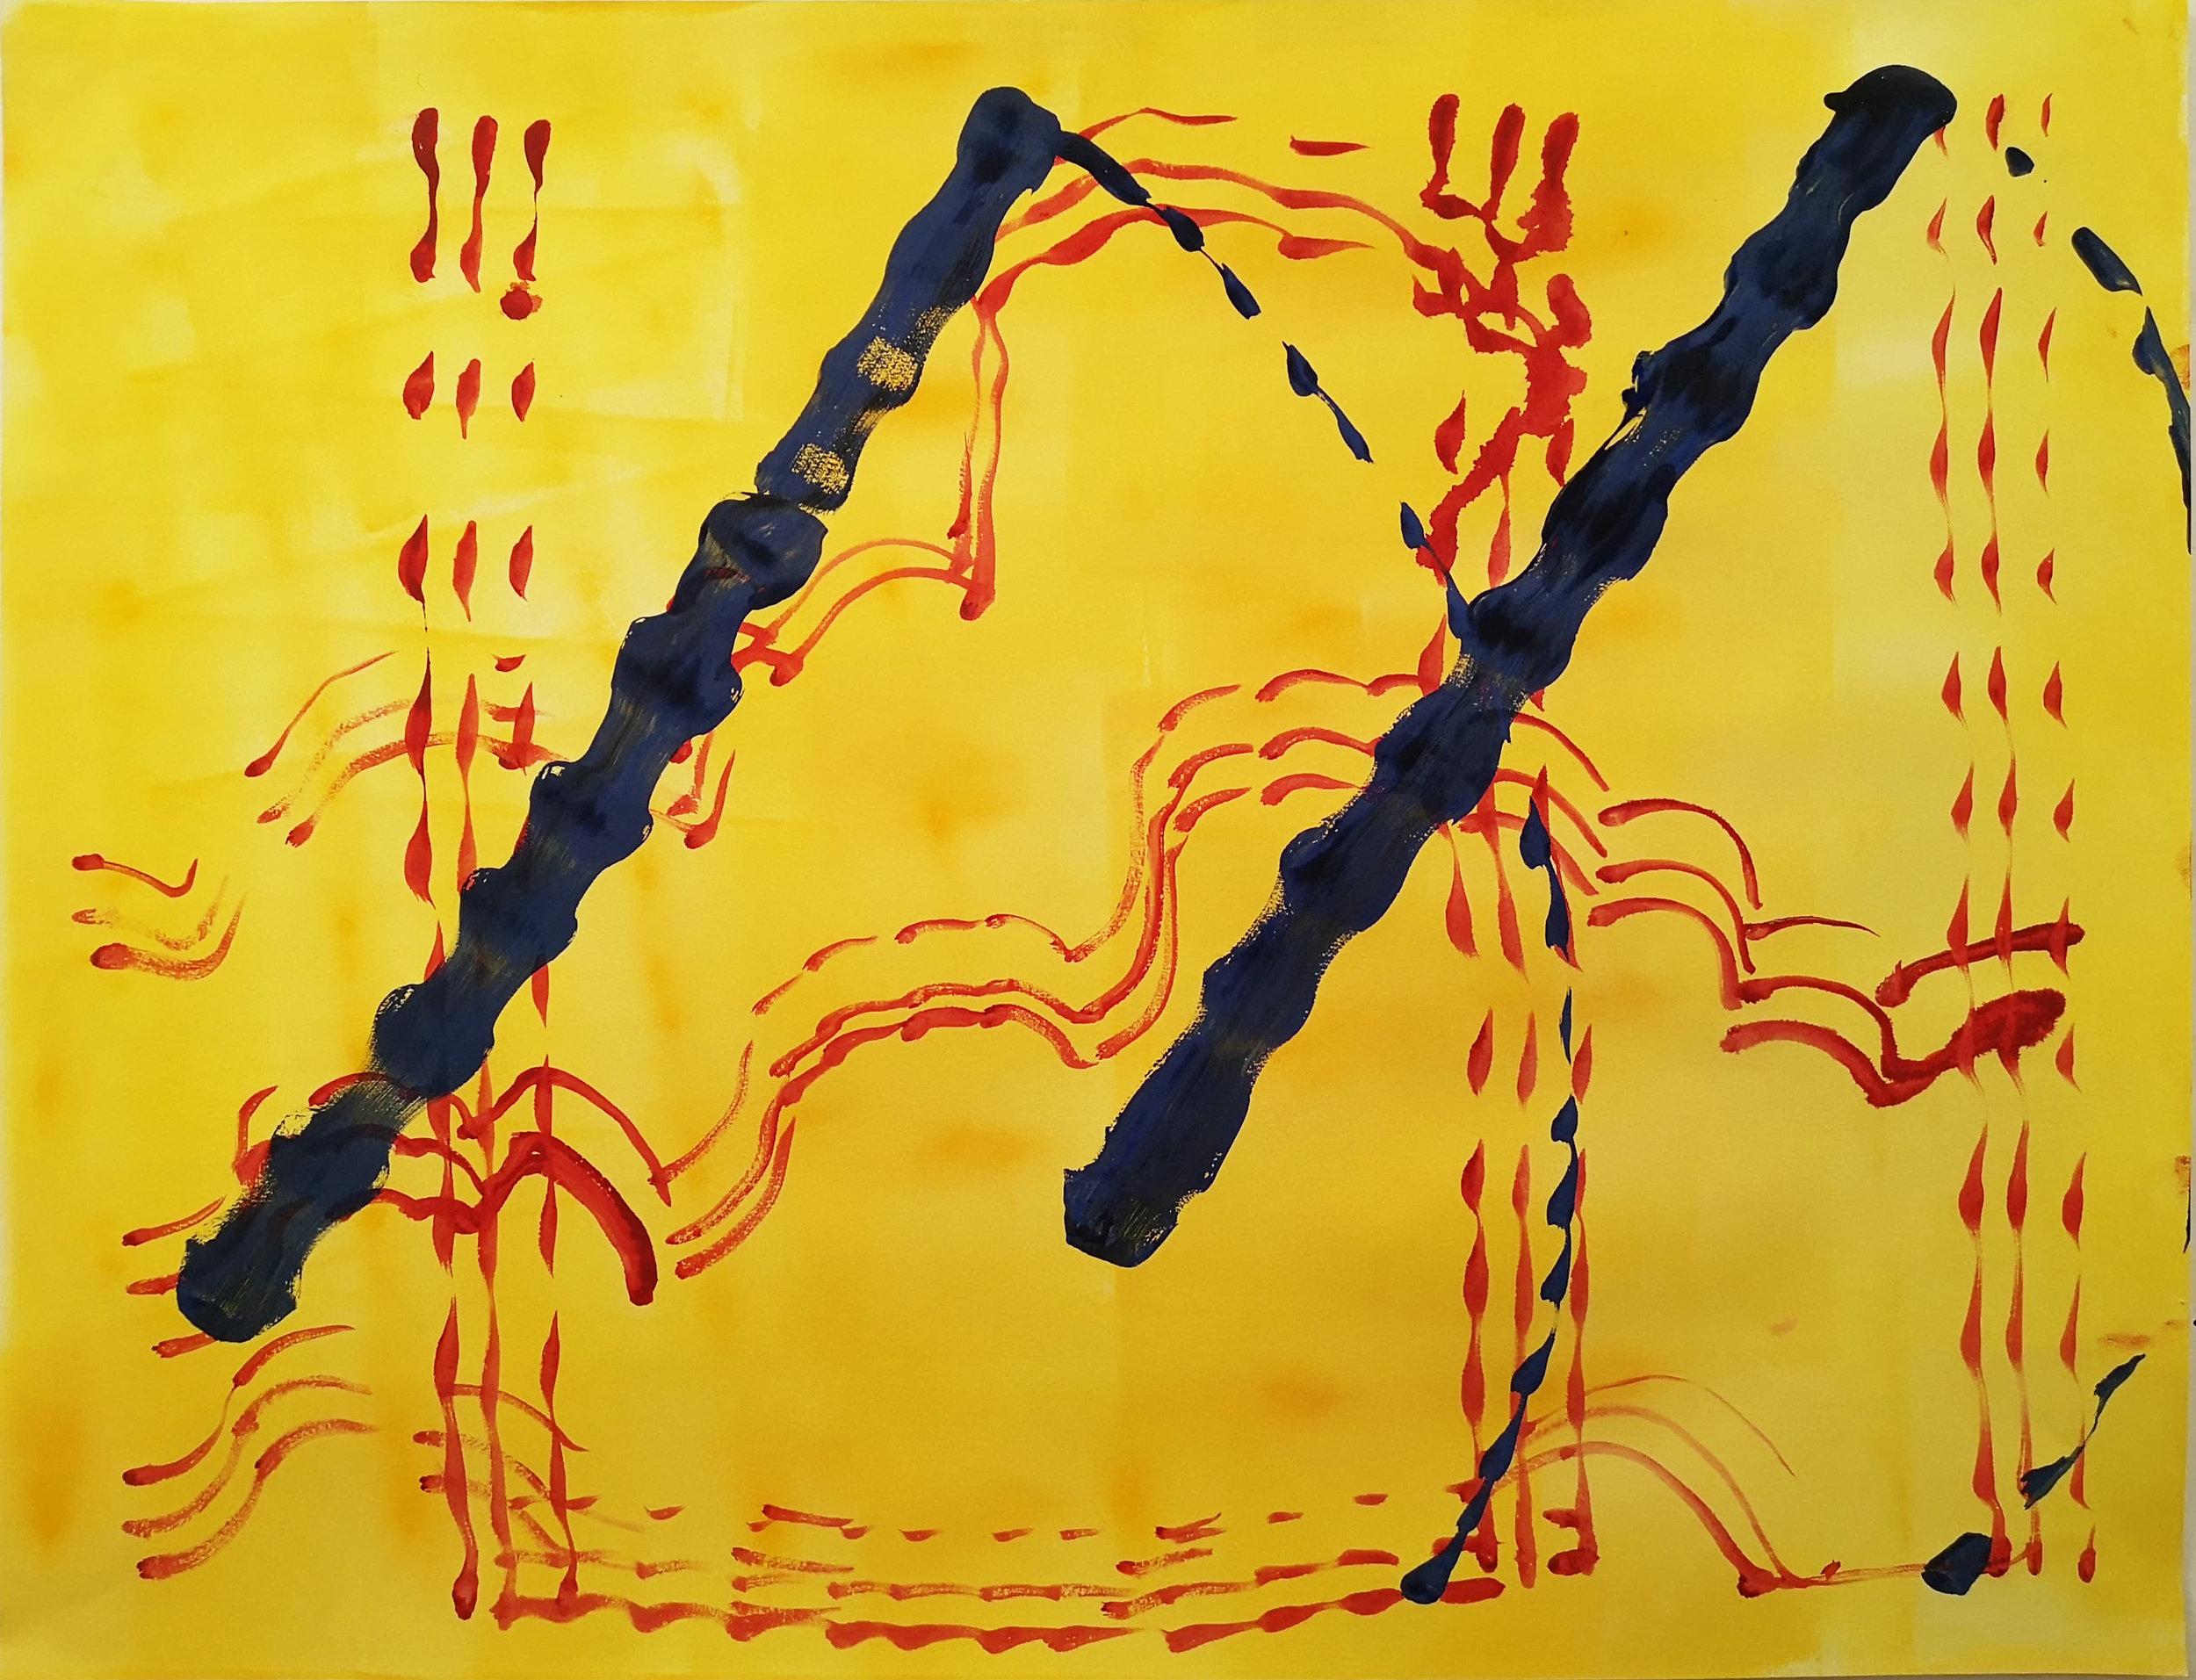 yifat gat yellow 5.jpg